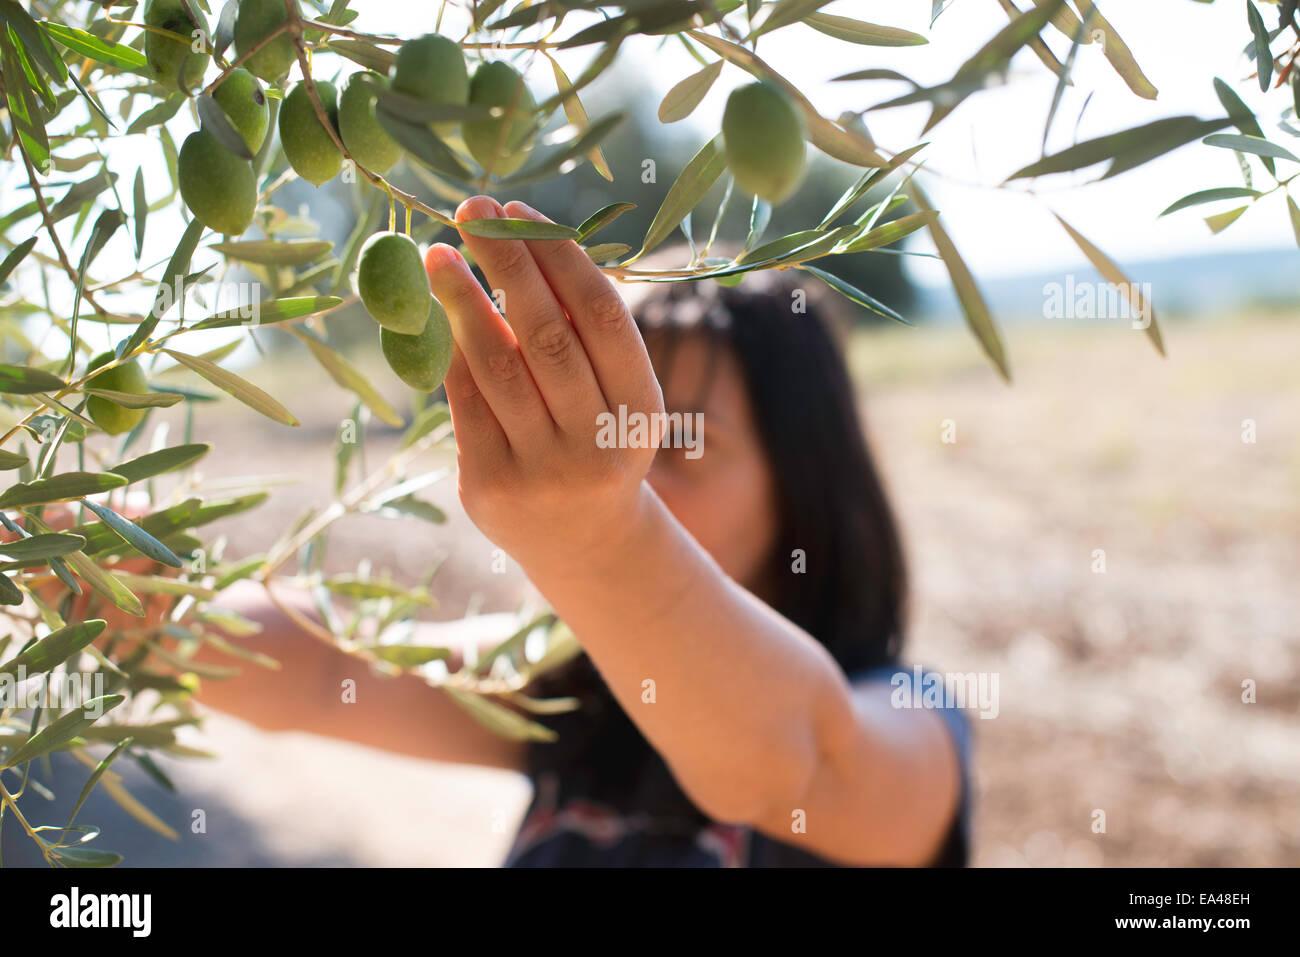 Raccolta delle olive.Donna azienda olive branch Immagini Stock